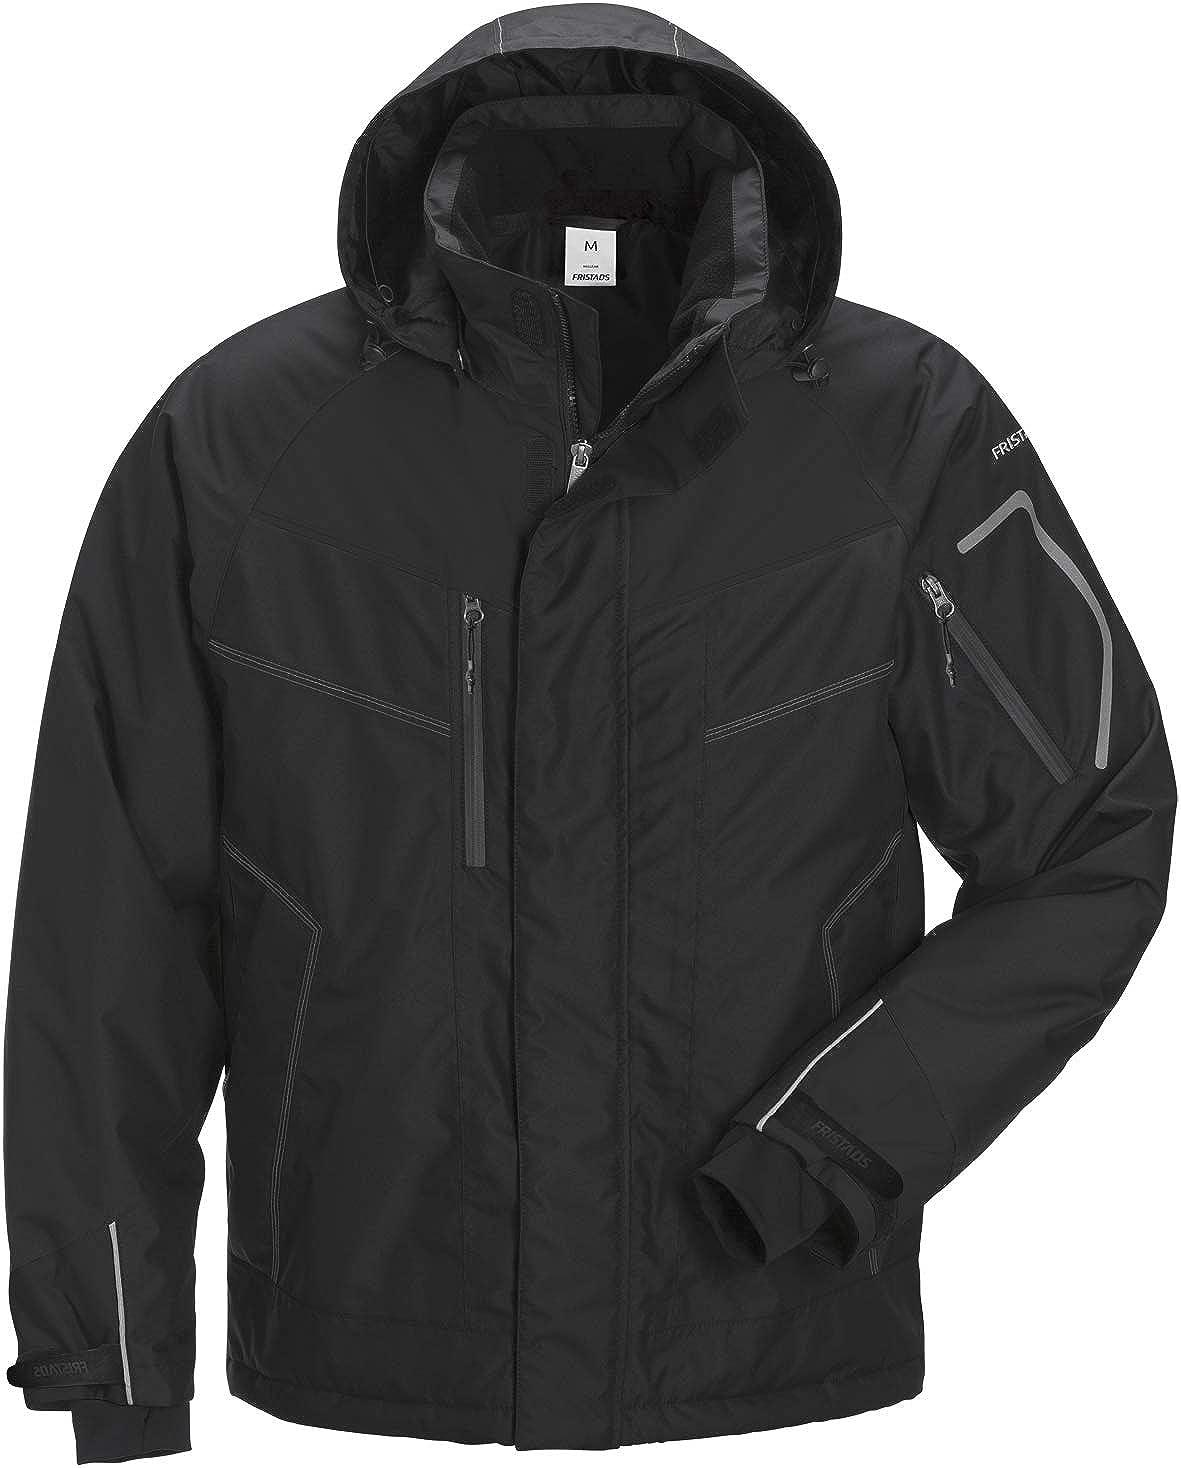 Fristads Workwear 115681 Mens Airtech Winter Jacket Black 5XL